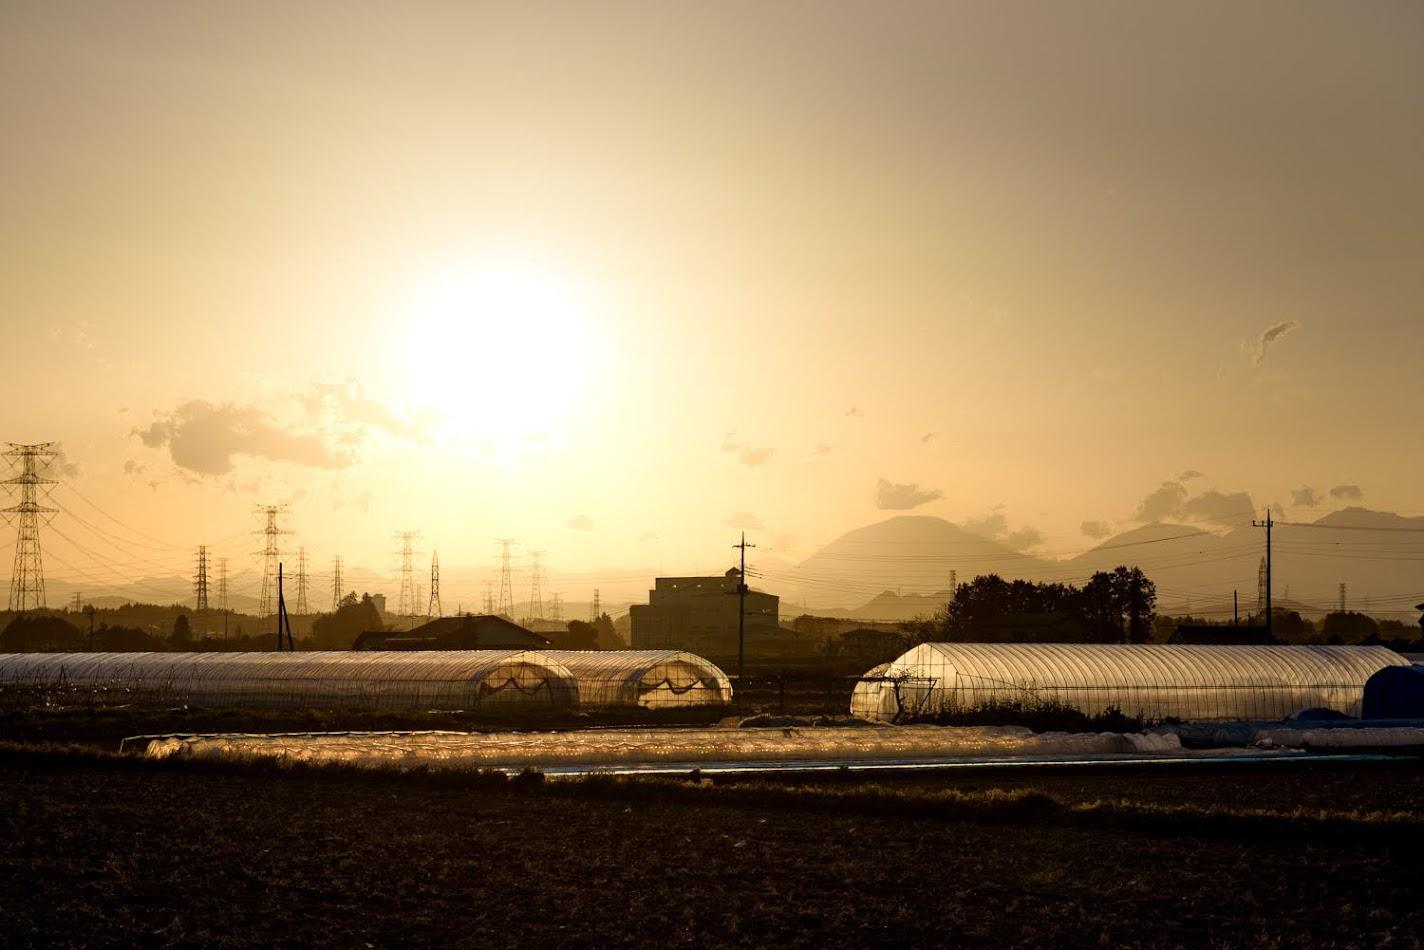 【旅13日目】雨にも負けず風にも負けず、栃木県は宇都宮へ